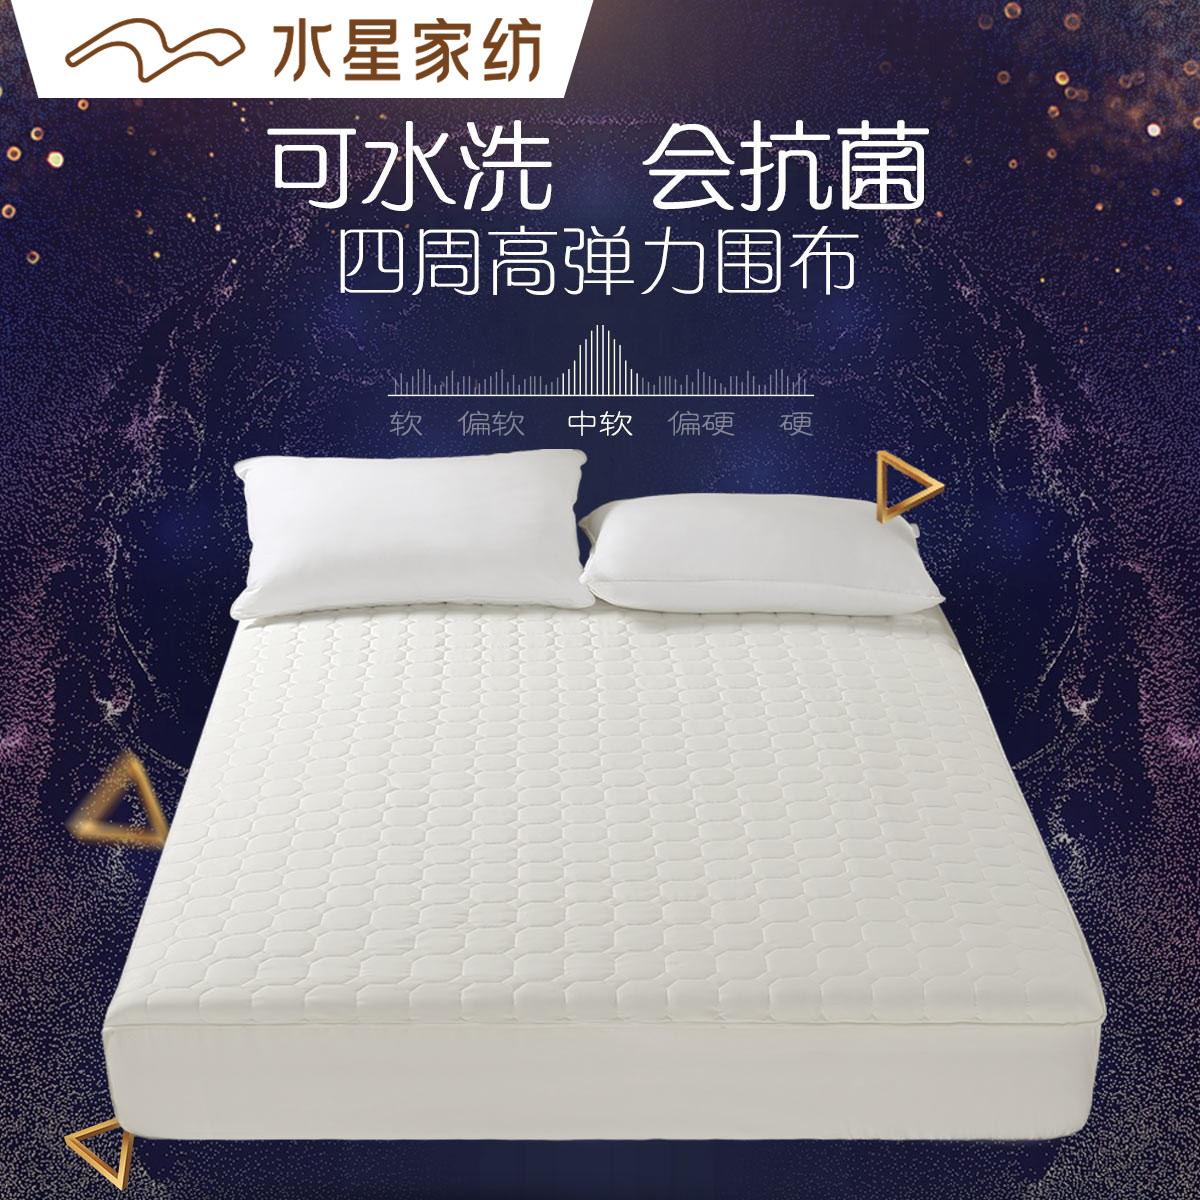 水星家纺抗菌床笠单件防尘罩套席梦思保护套全包床垫防滑1.8m床图片